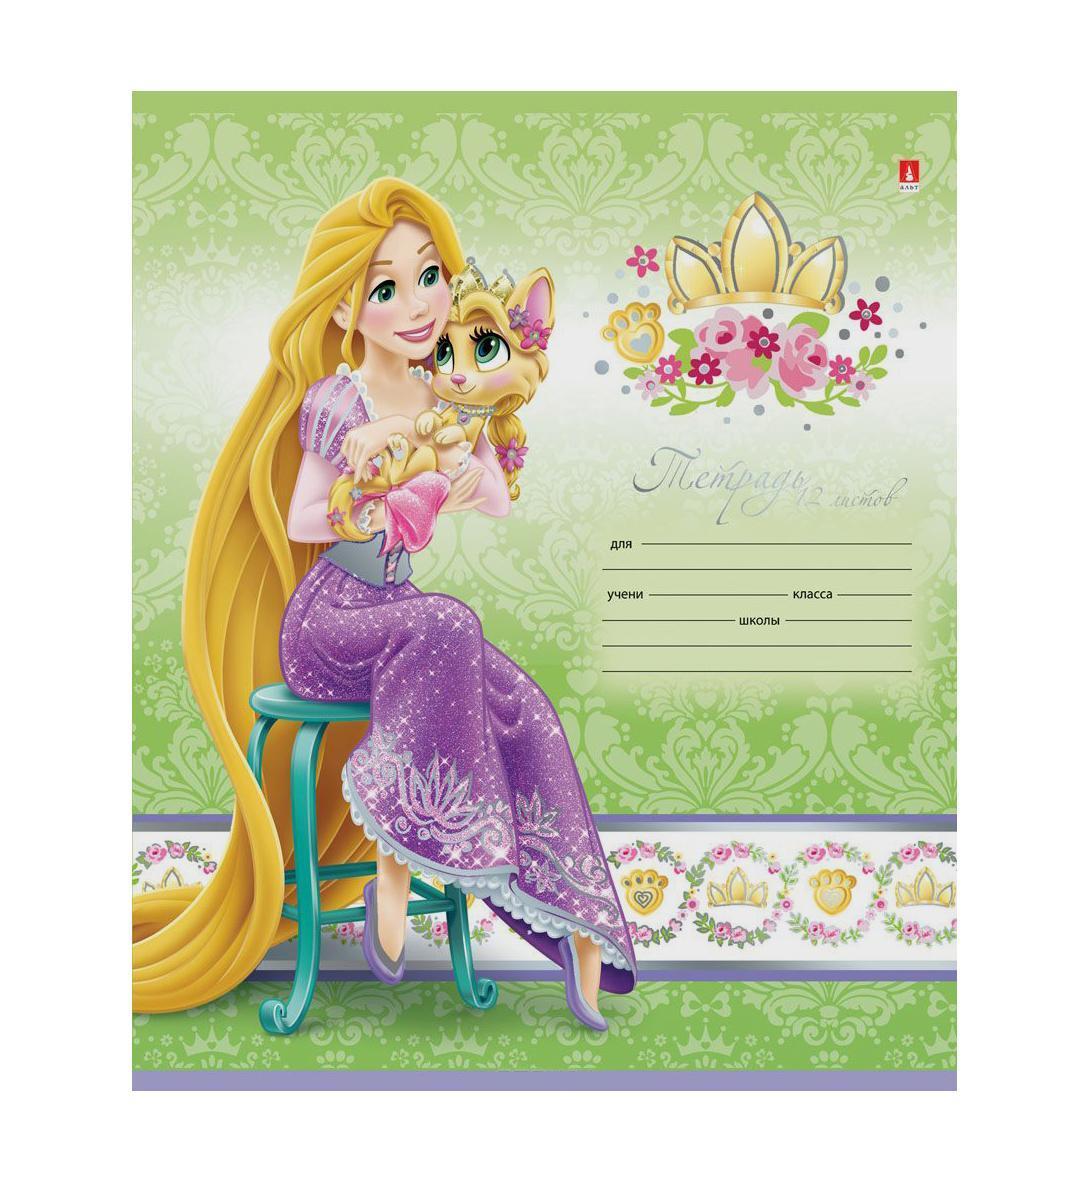 Набор тетрадей Альт Принцессы, 12 листов, 10 штM-960560-1Недорогие тетради Альт Принцессы, выполнены их бумаги и картона высшего качества. Плотная, белая, мелованная бумага (60 г/кв.м) используется в блоках этих тетрадей. Картон обложки имеет высокую плотность 115 г/кв.м. В набор тетрадей Принцессы входят 10 штук с пятью разными изображениями принцесс. Обложки формата А5 (165 х 203 мм) сделаны из качественной мелованной бумаги 115 г/кв м. В блоках по 12 листов в клетку с предварительно размеченными красными полями. Белая мелованная бумага 60 грамм подходит для записей любыми ручками. Принцессы – неизменные спутницы счастливого, беззаботного детства, с которым младшие школьницы еще не спешат прощаться в начальных классах.